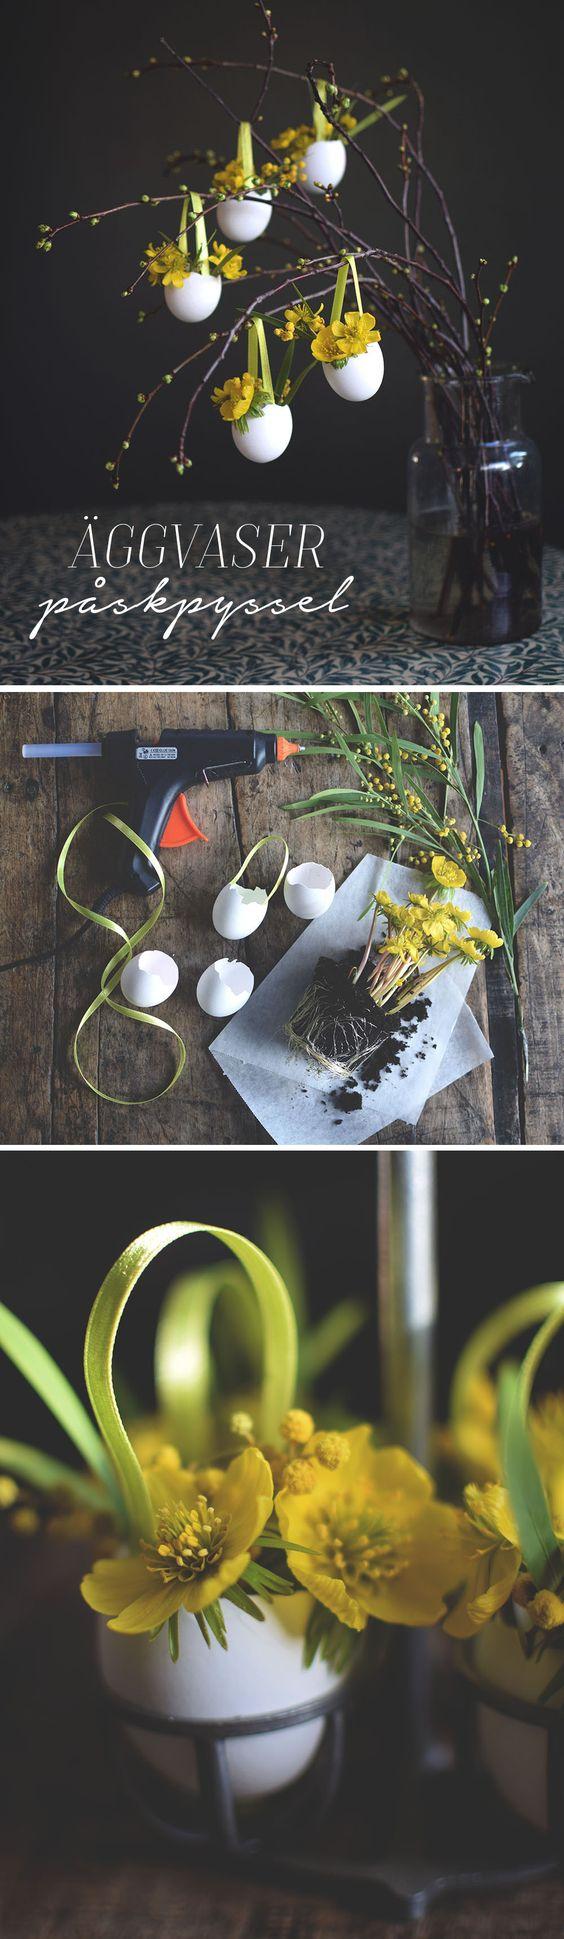 Påskpyssel_Gör vackra dekorationer till påskriset, små äggvaser, påskägg, att ha blommor i. DIY_easter crafts_make small vases from eggshells. Easter eggs _@helenalyth.se: